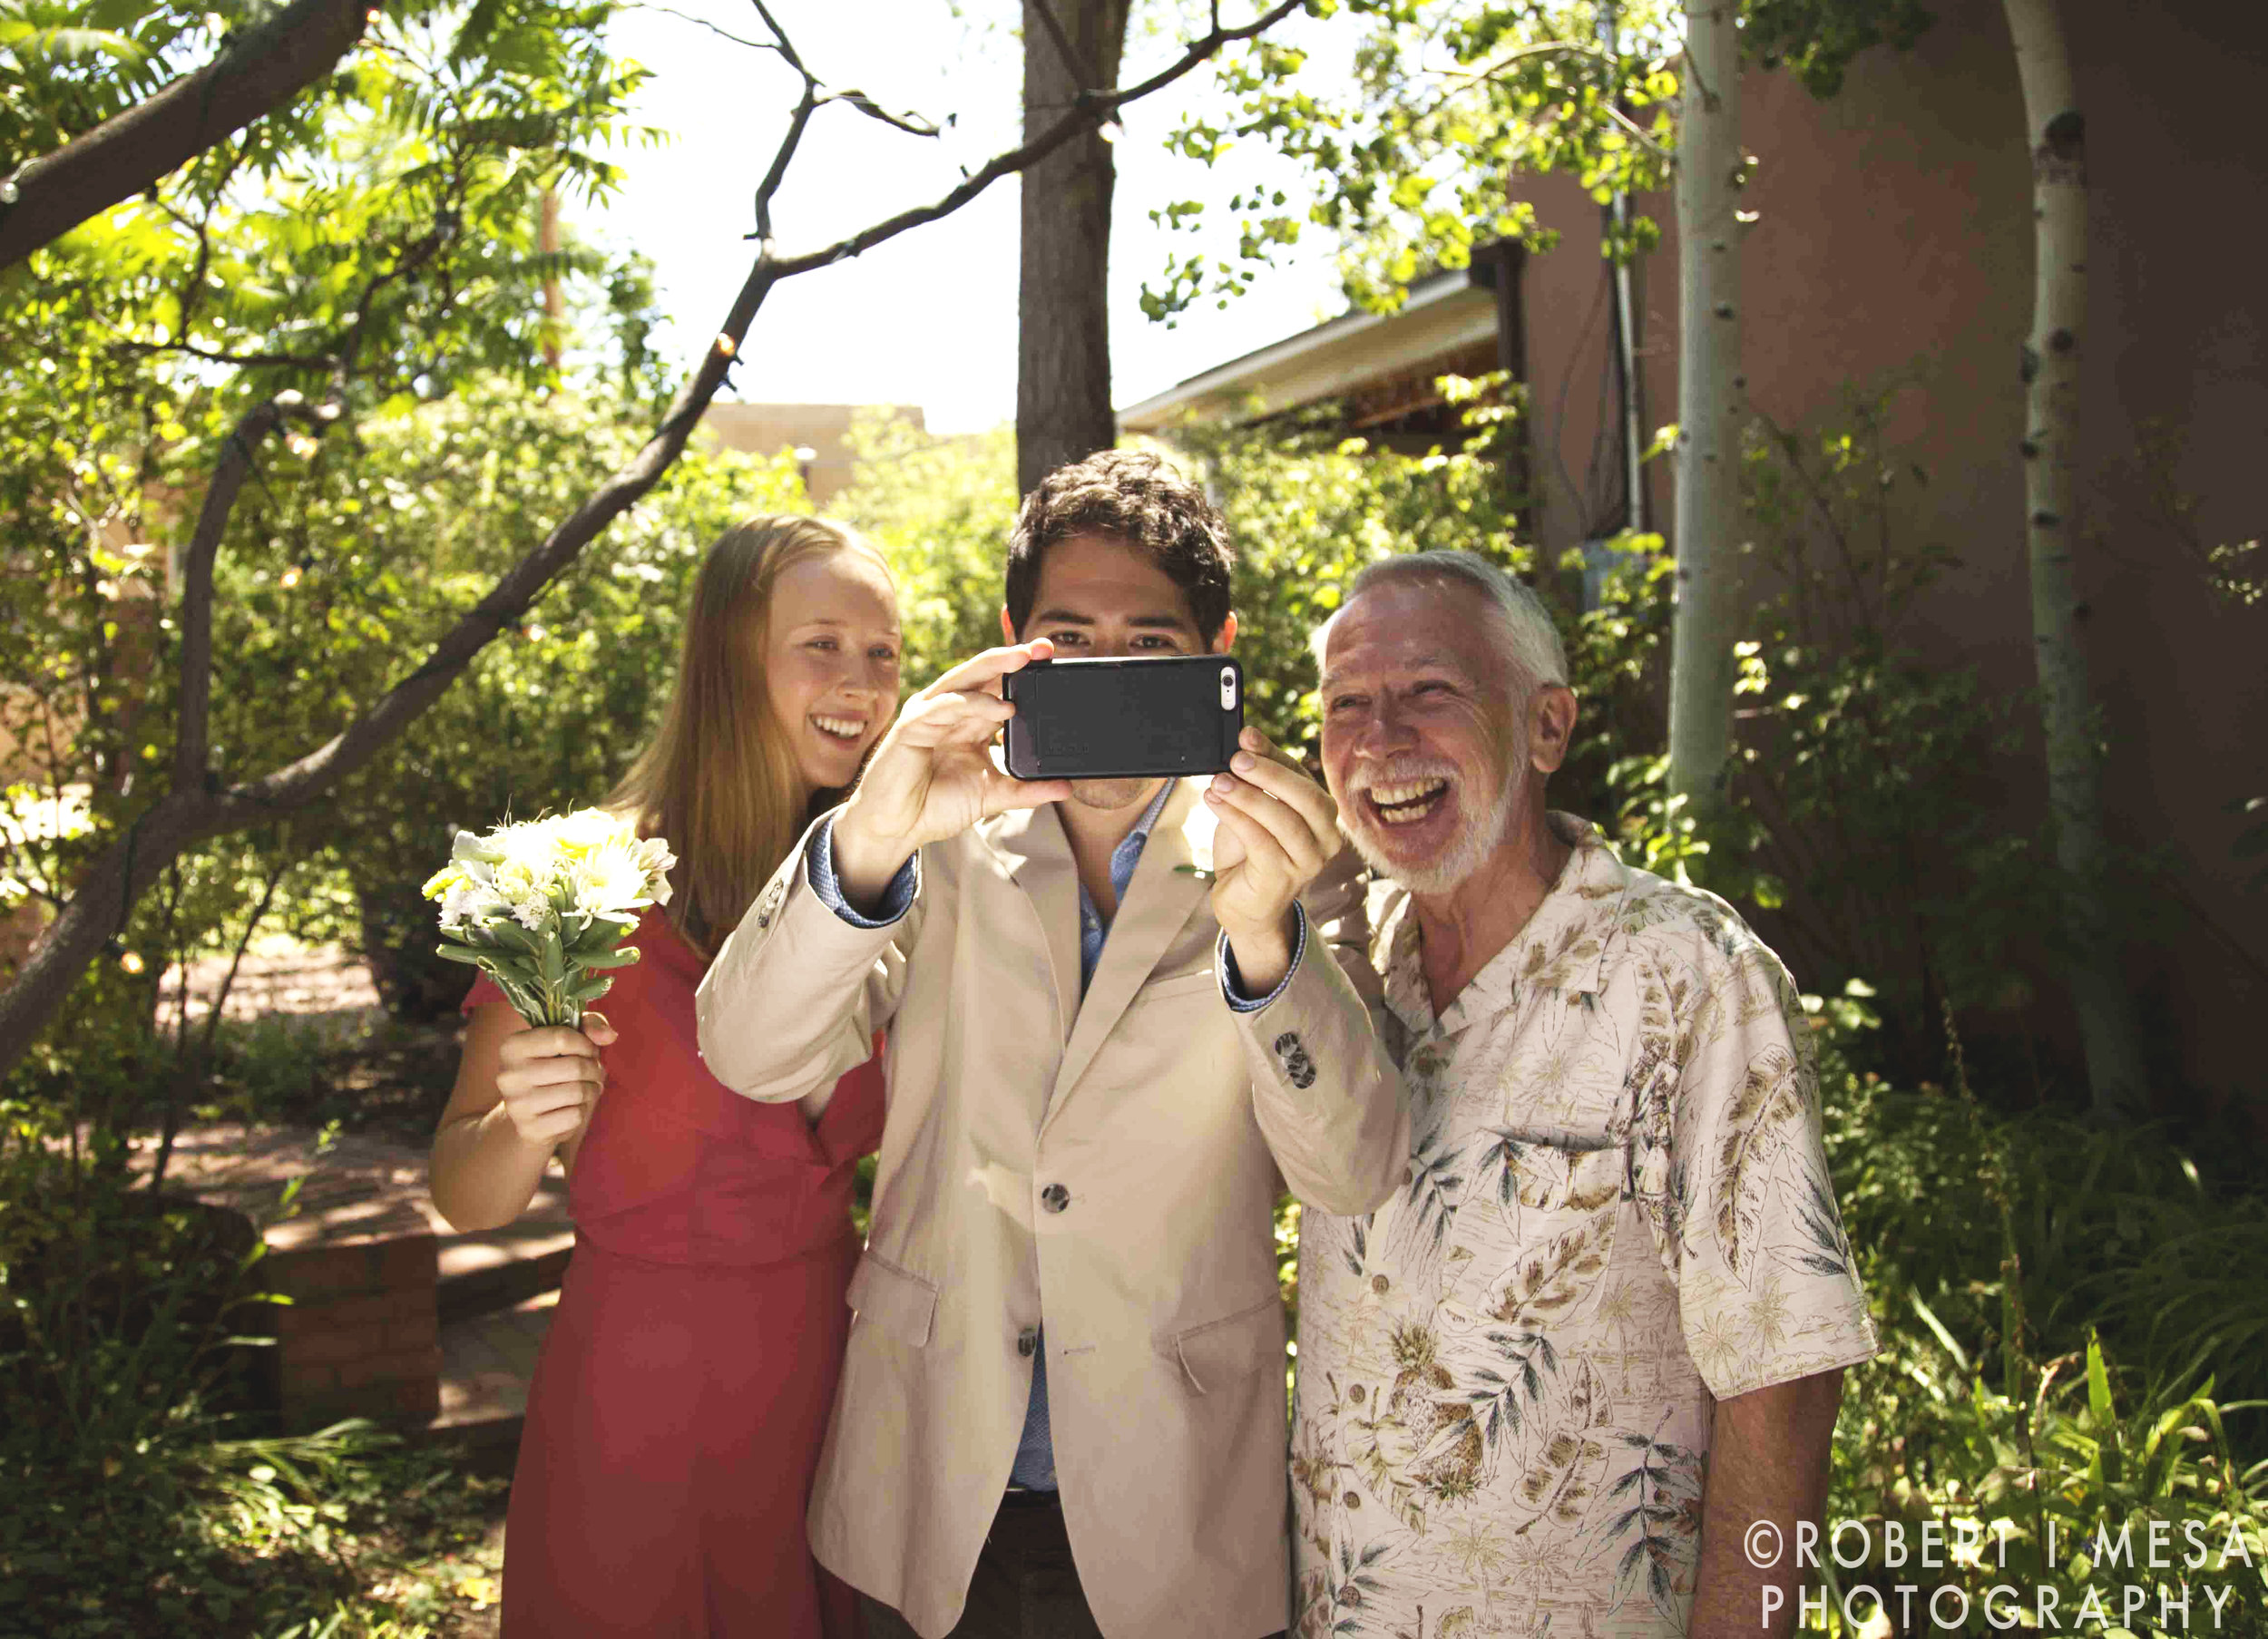 BALWIT_WEDDING-ROBERTIMESA-2015_112 copy.jpg